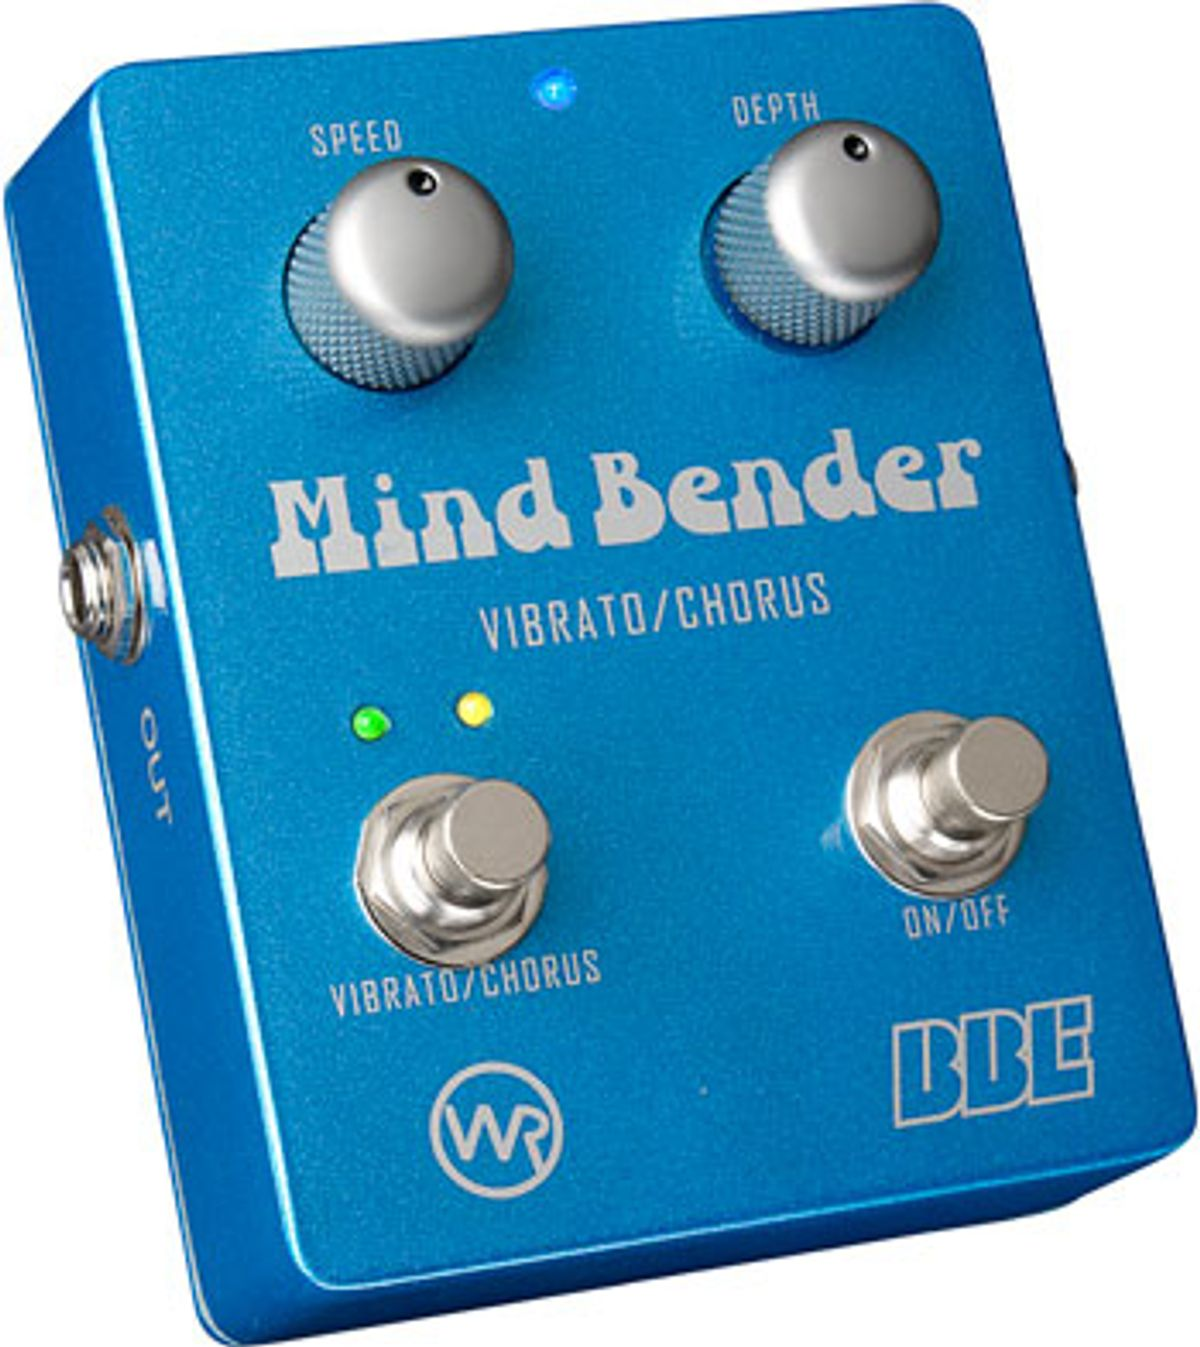 BBE Releases Mind Bender MB-2